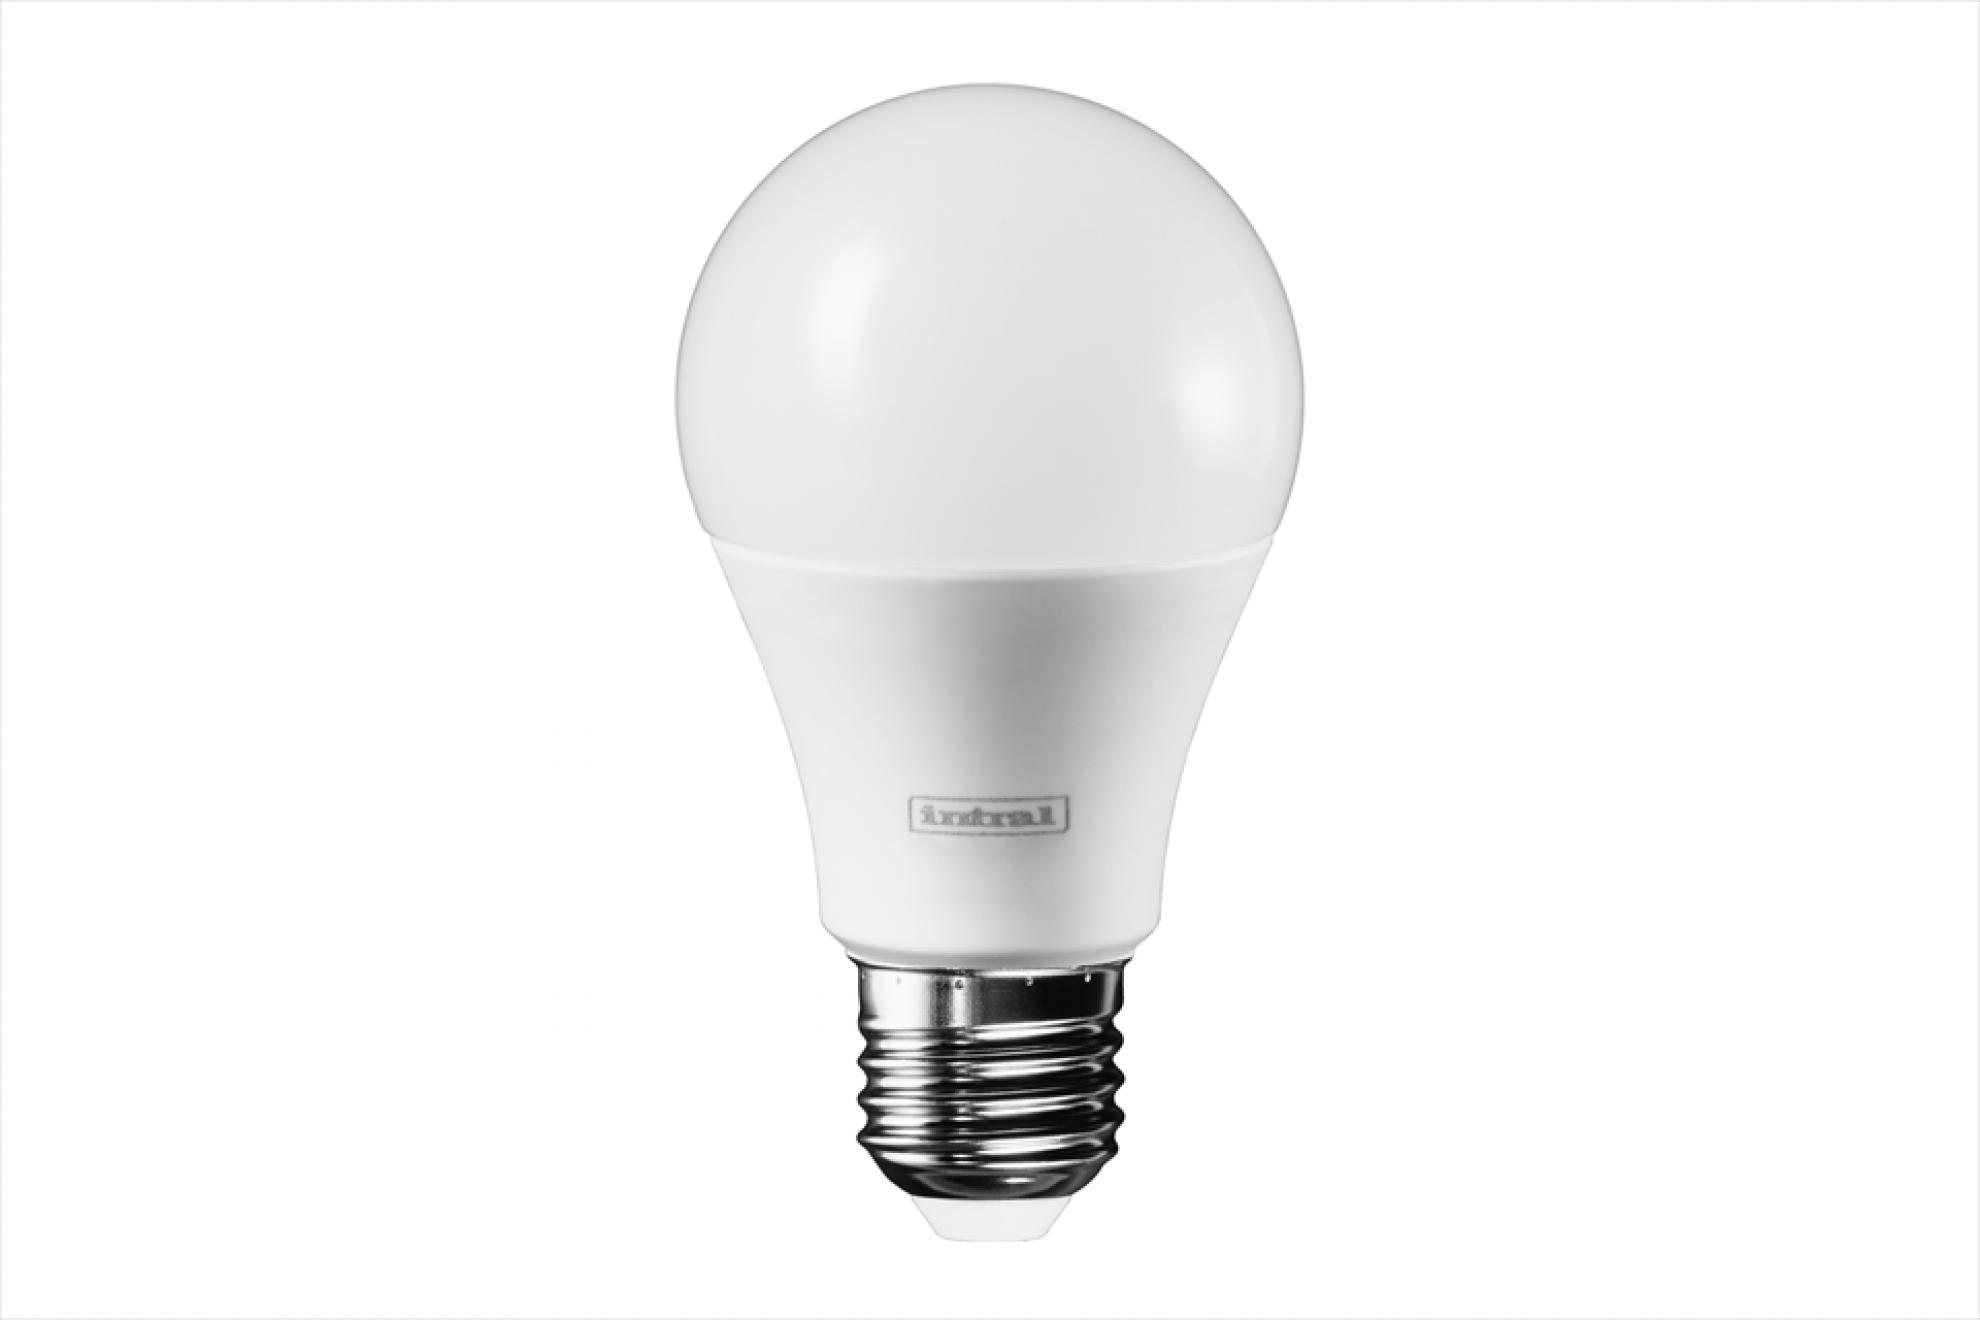 Lampada Led Bulbo 06w 6500k Biv A60